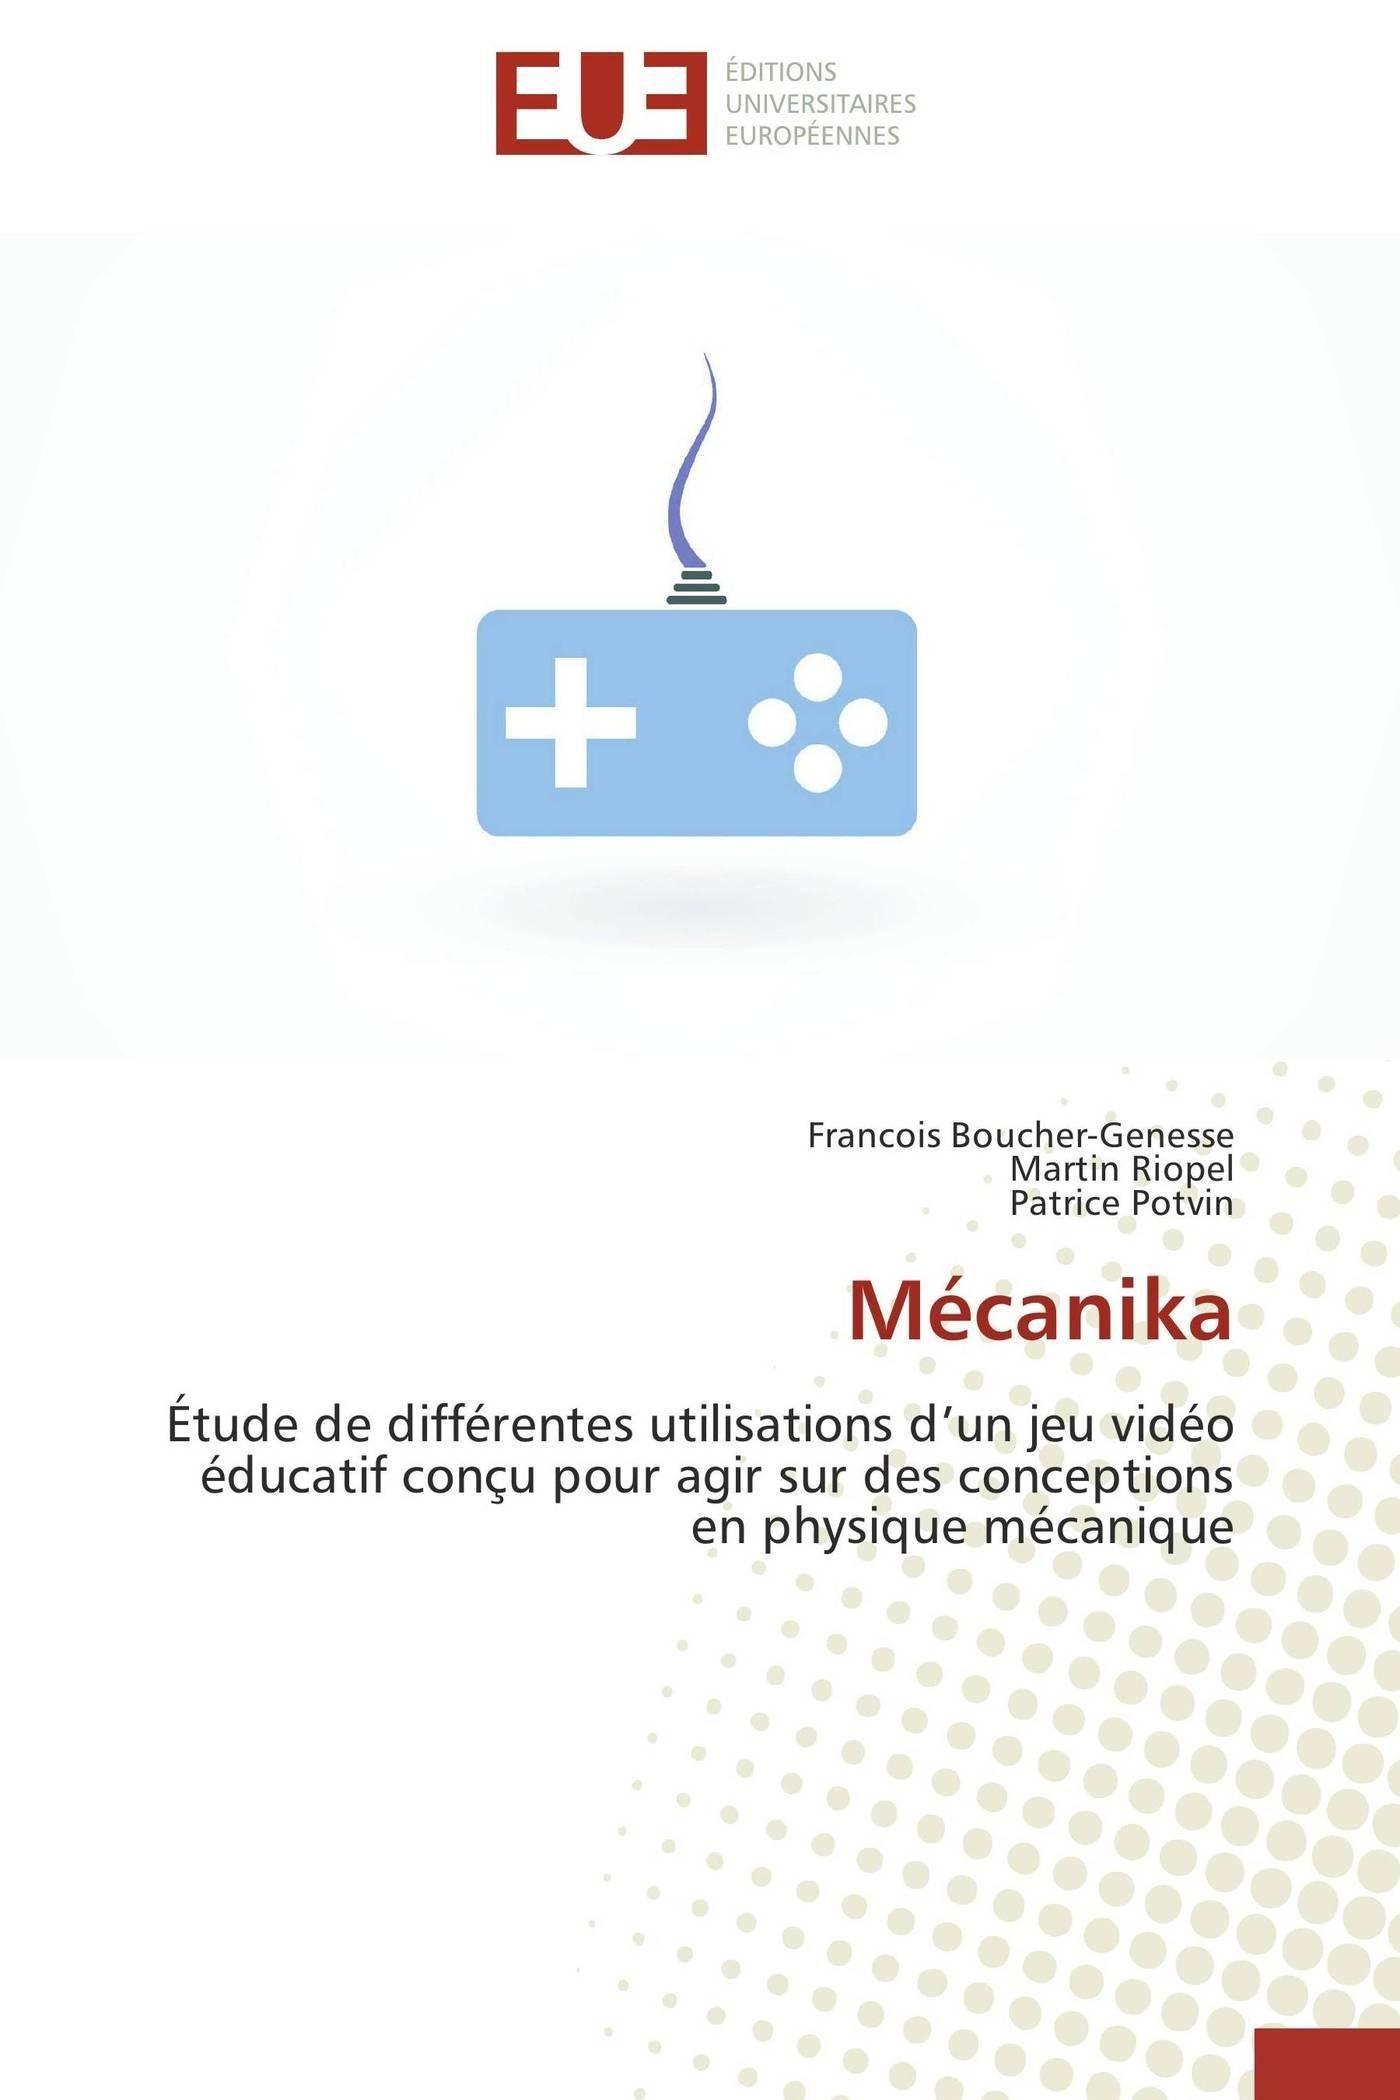 Mécanika: Étude de différentes utilisations d'un jeu vidéo éducatif conçu pour agir sur des conceptions en physique mécanique (Omn.Univ.Europ.) (French Edition) ebook